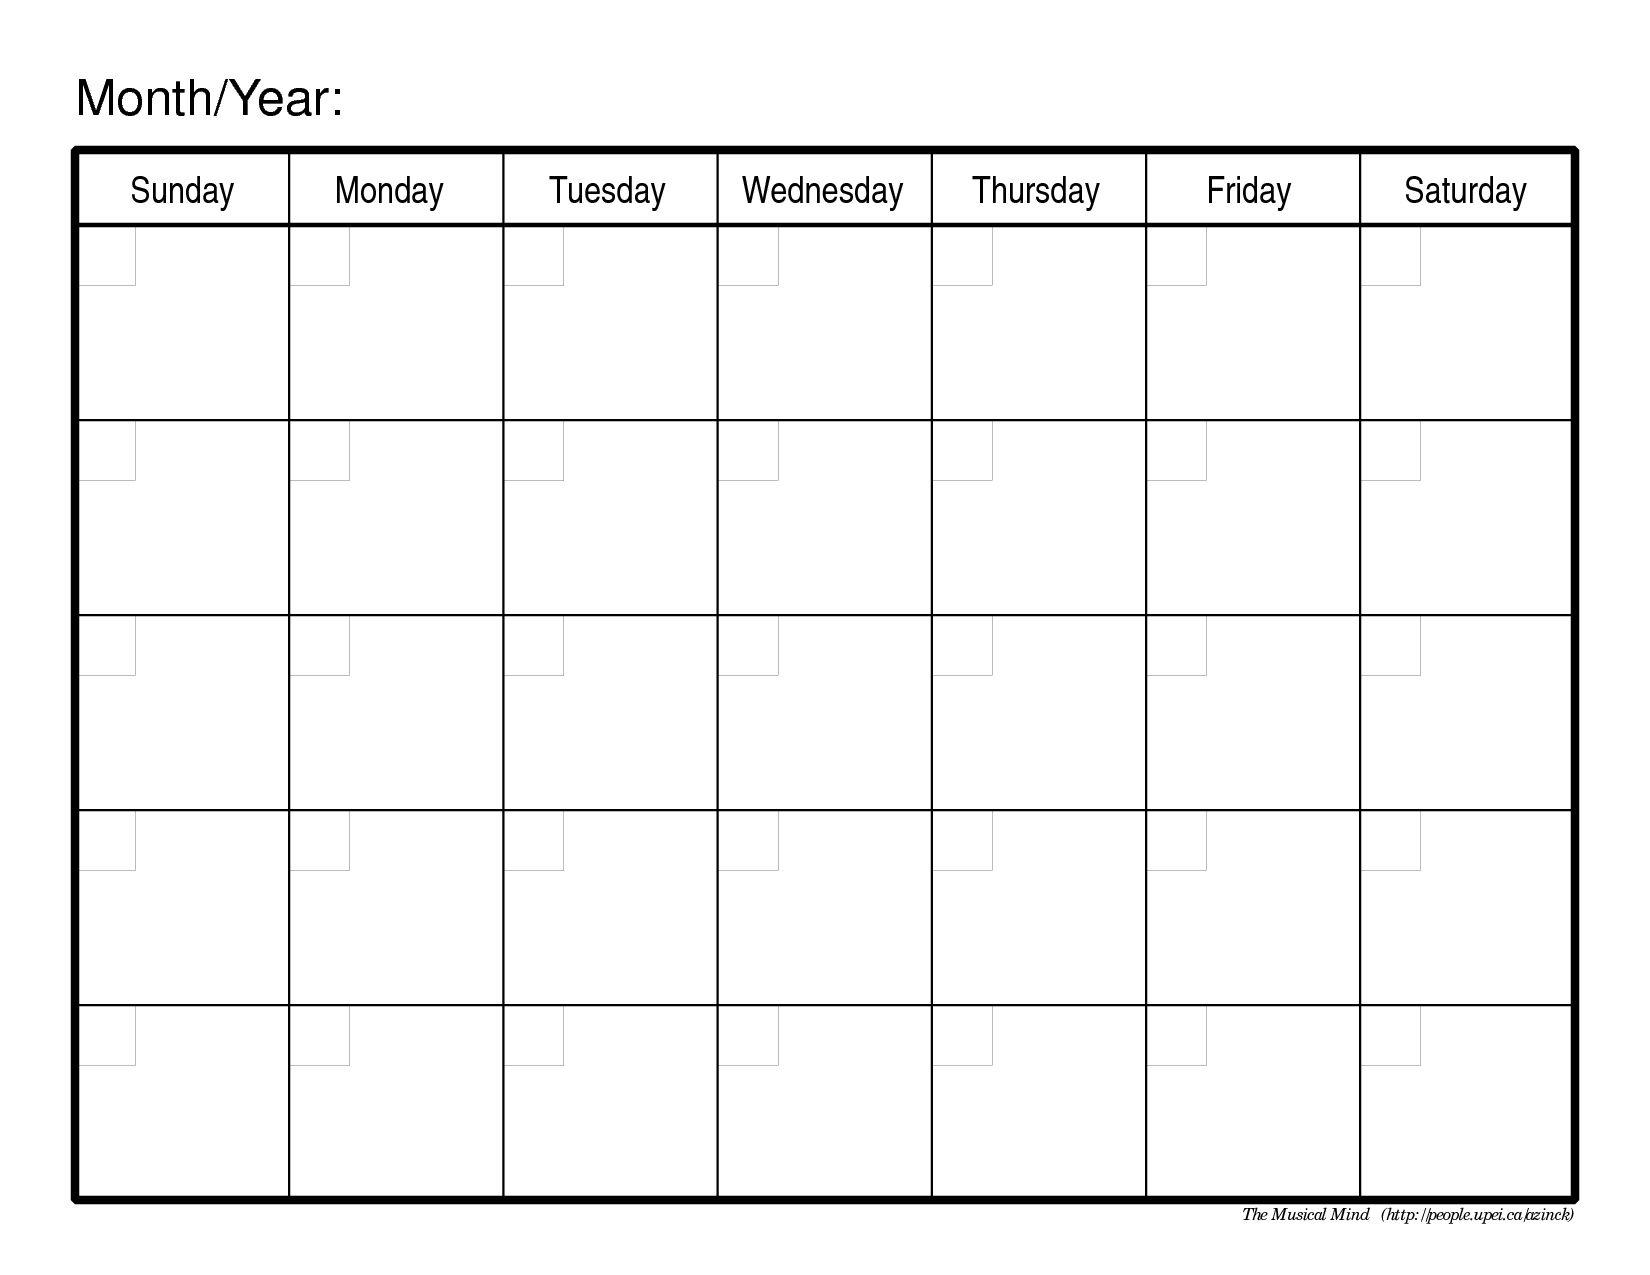 Free Fill In Blank Calendar Templates In 2020 | Blank